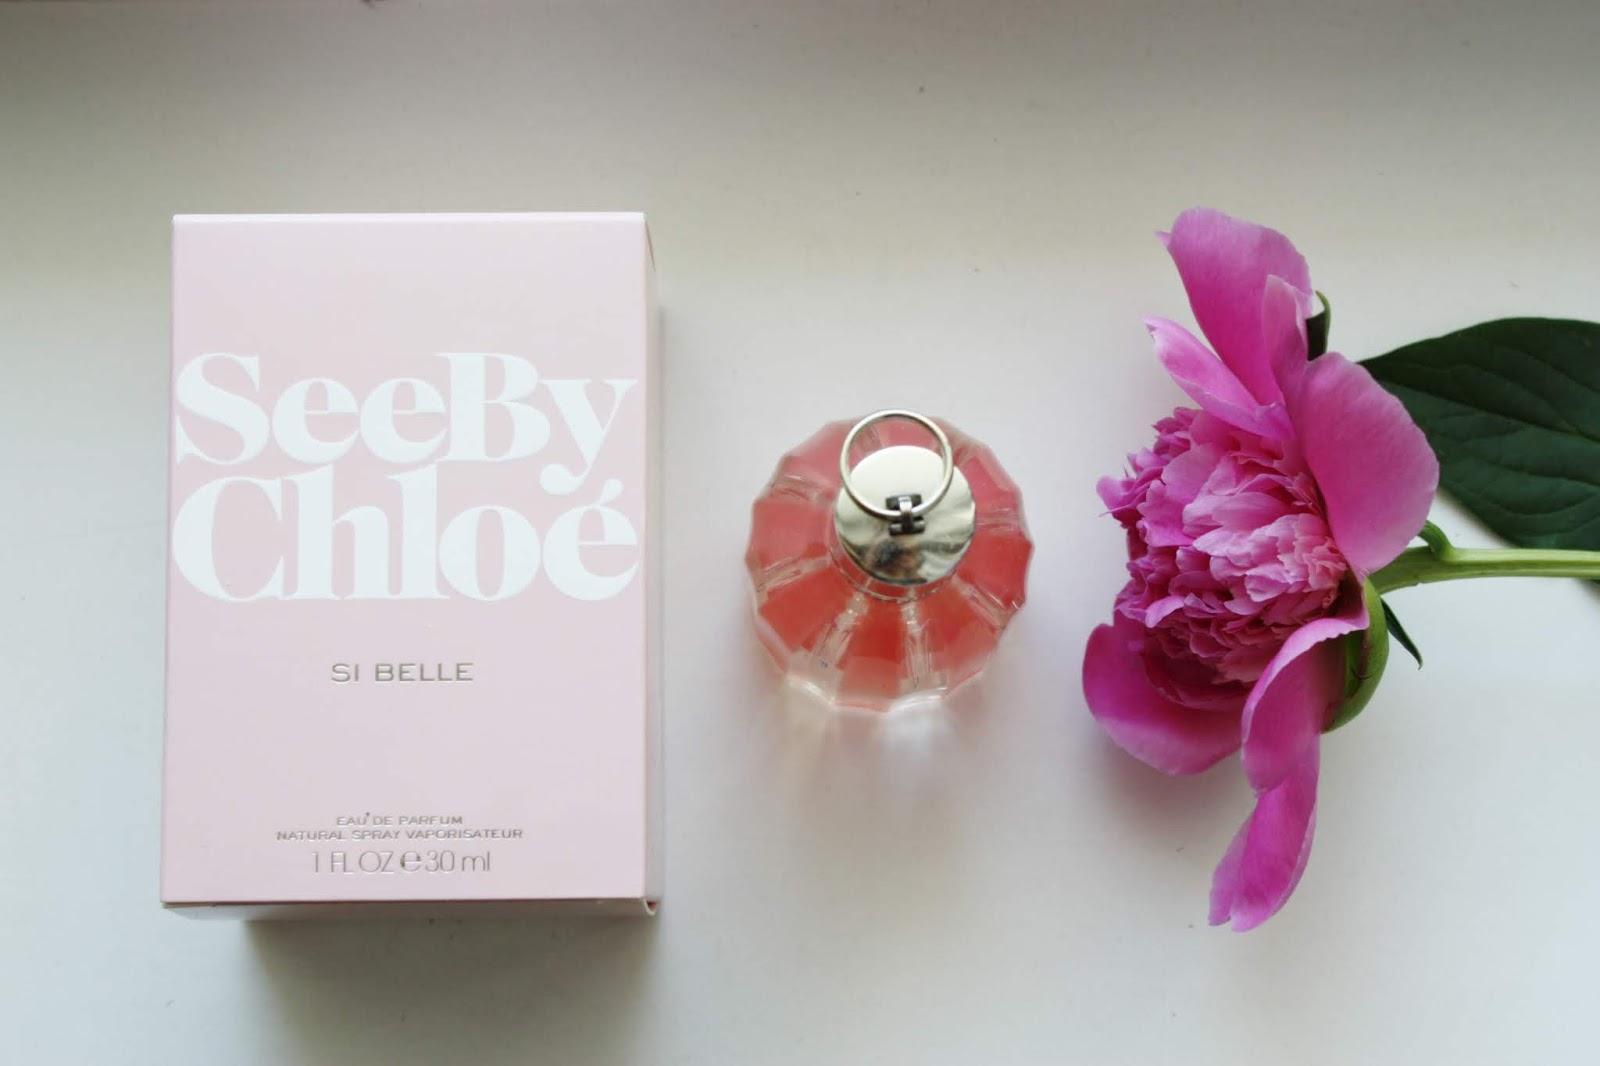 No Way Talk See By Chloe Si Belle Eau De Parfum